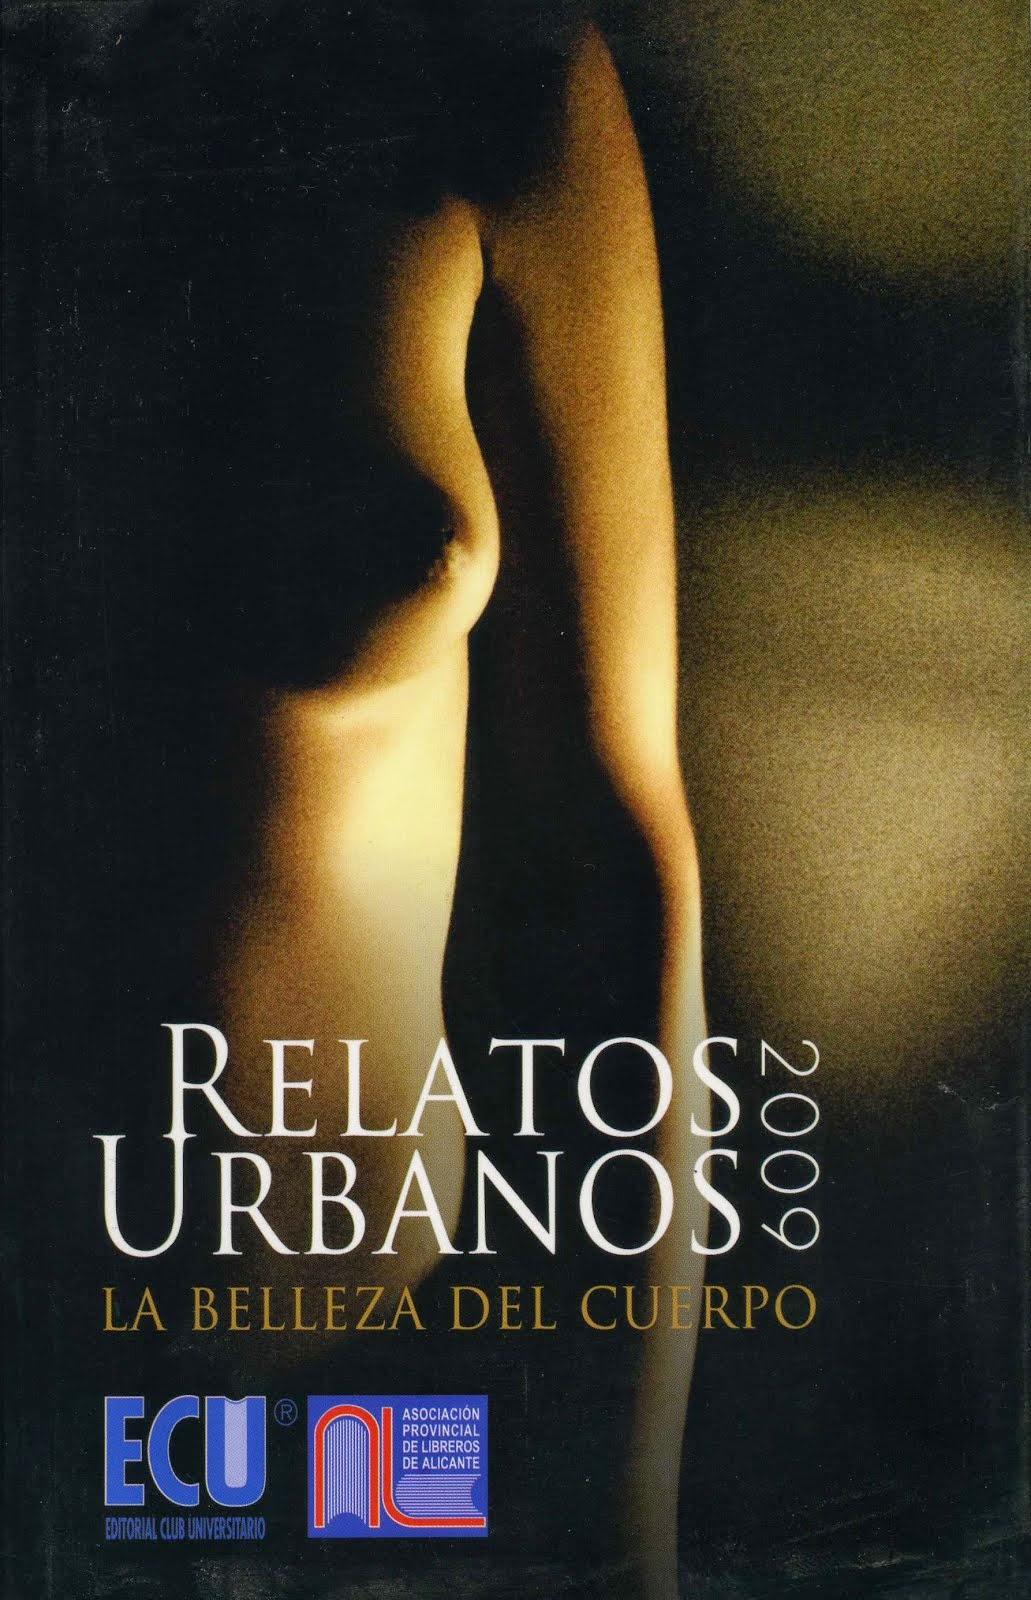 RELATOS URBANOS [2009]